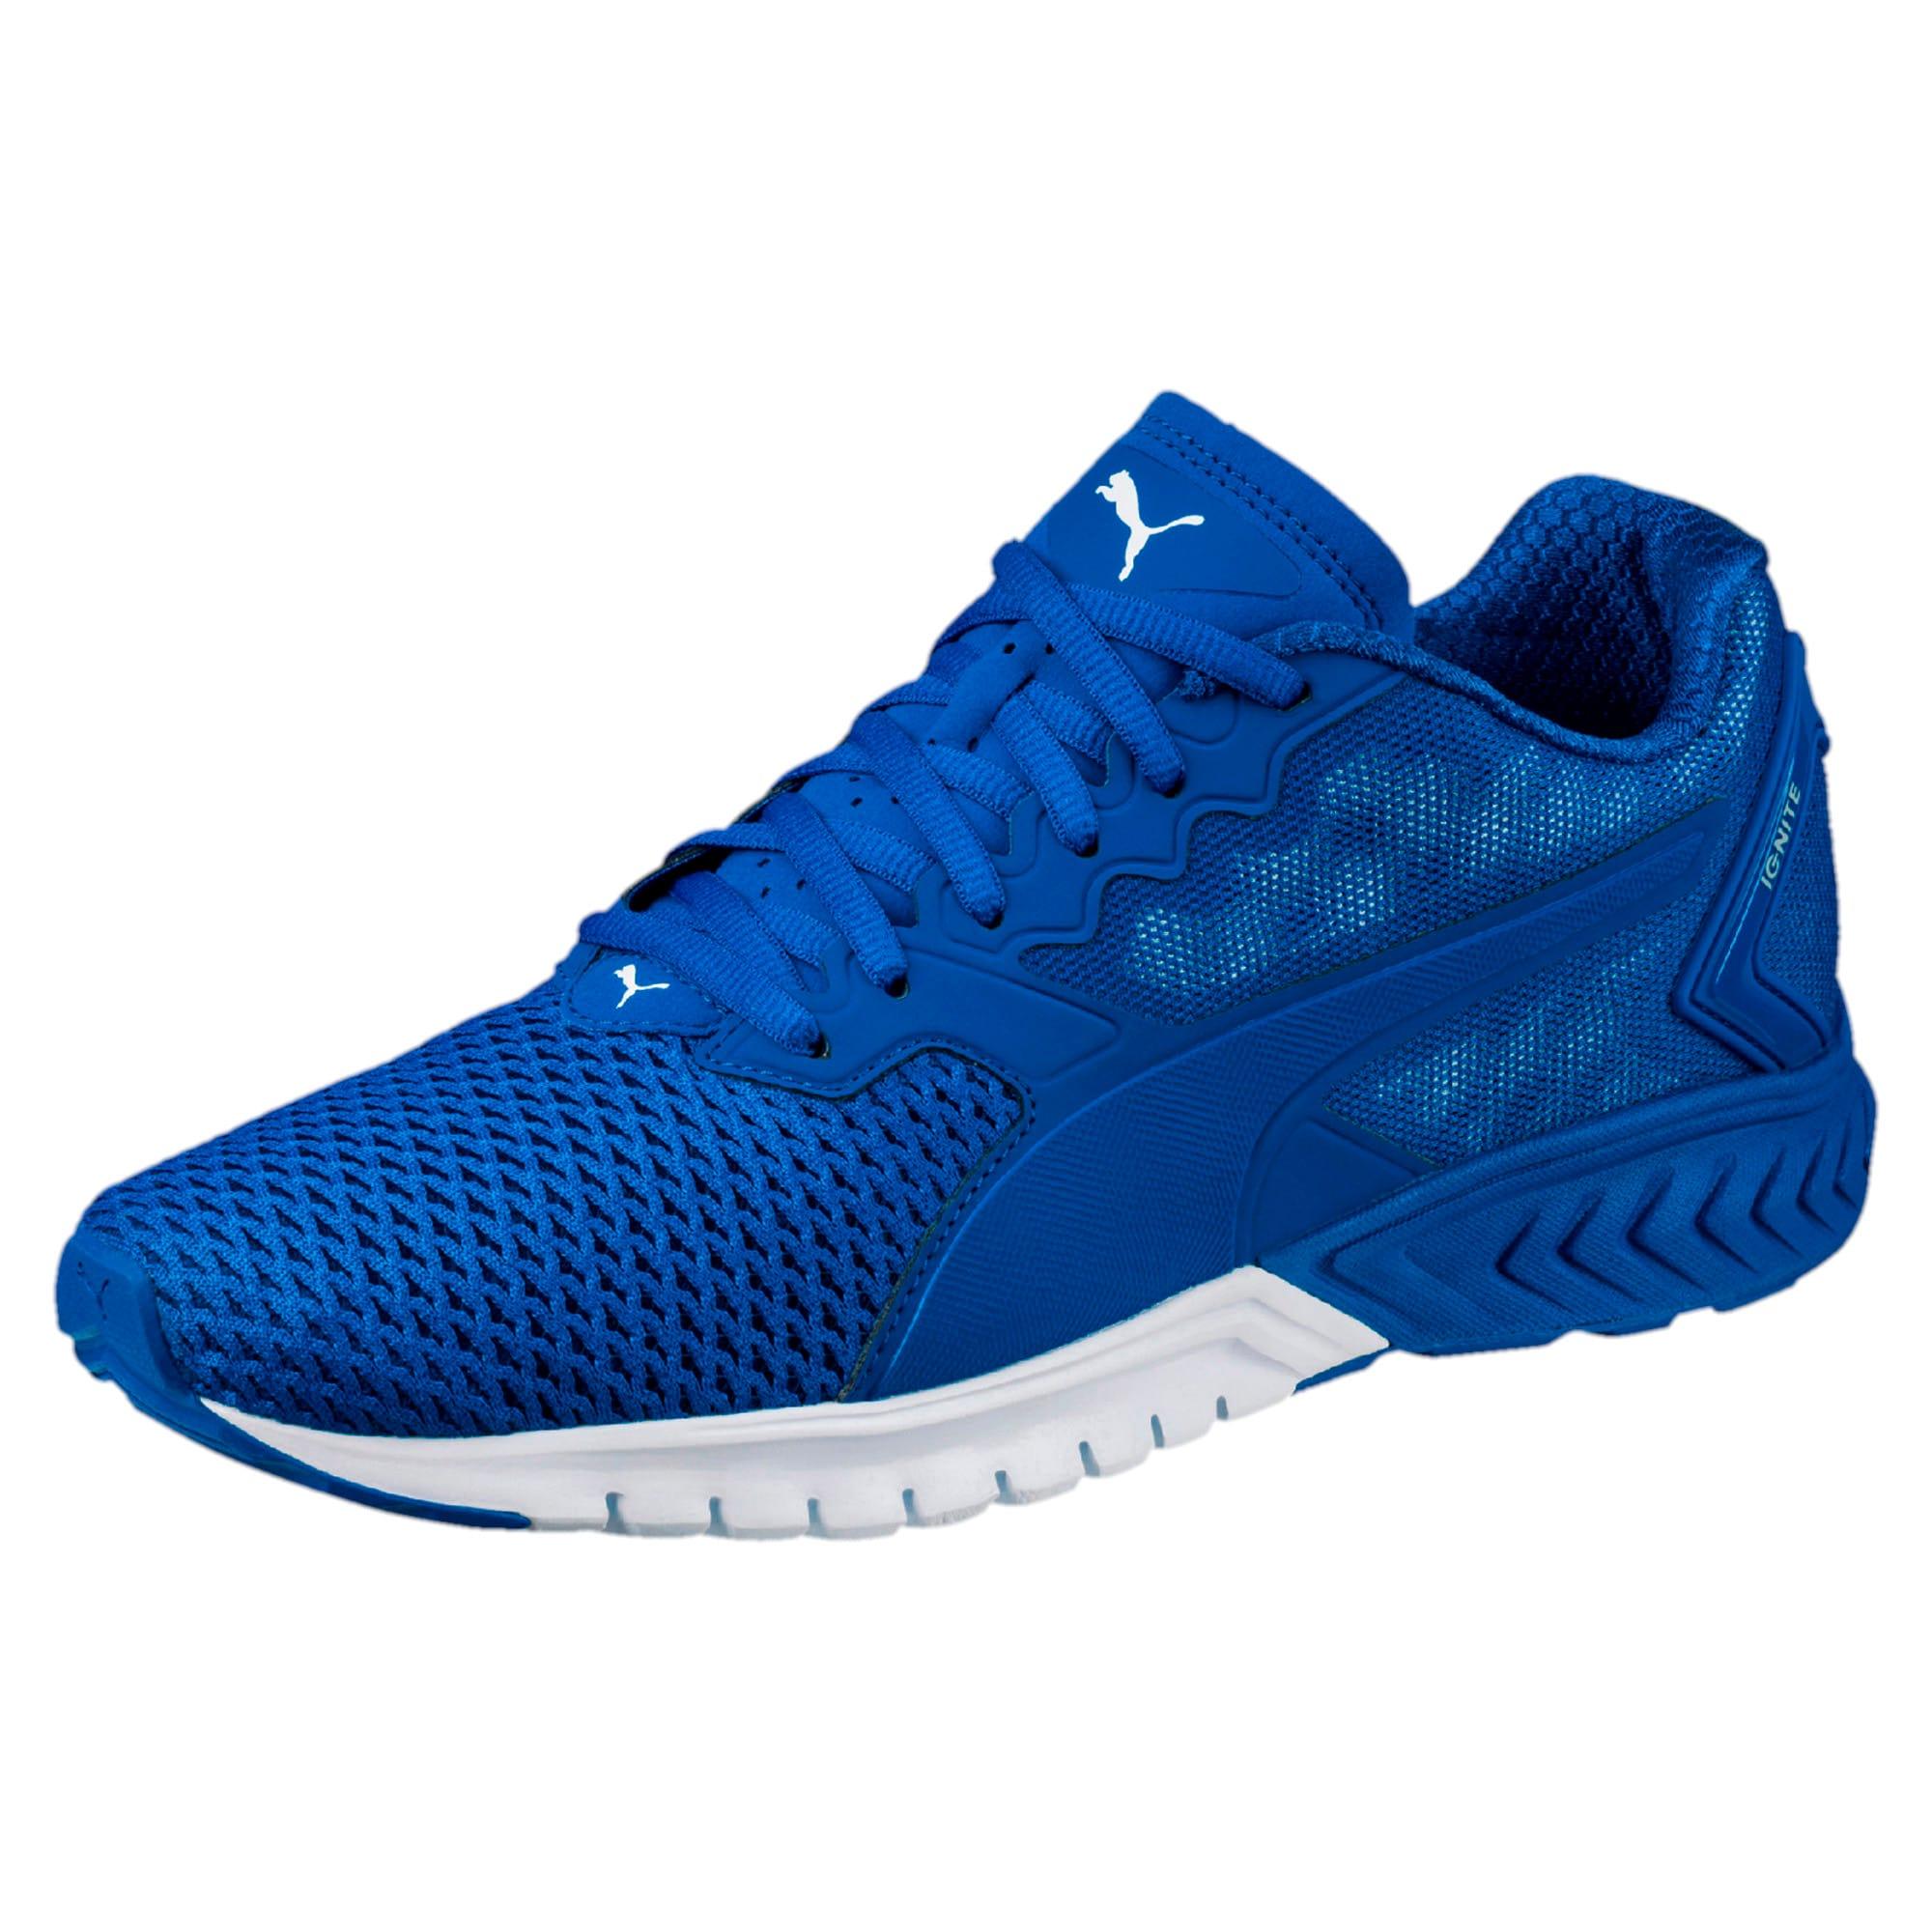 Thumbnail 1 of IGNITE Dual Mesh Men's Running Shoes, Lapis Blue-Quarry, medium-IND